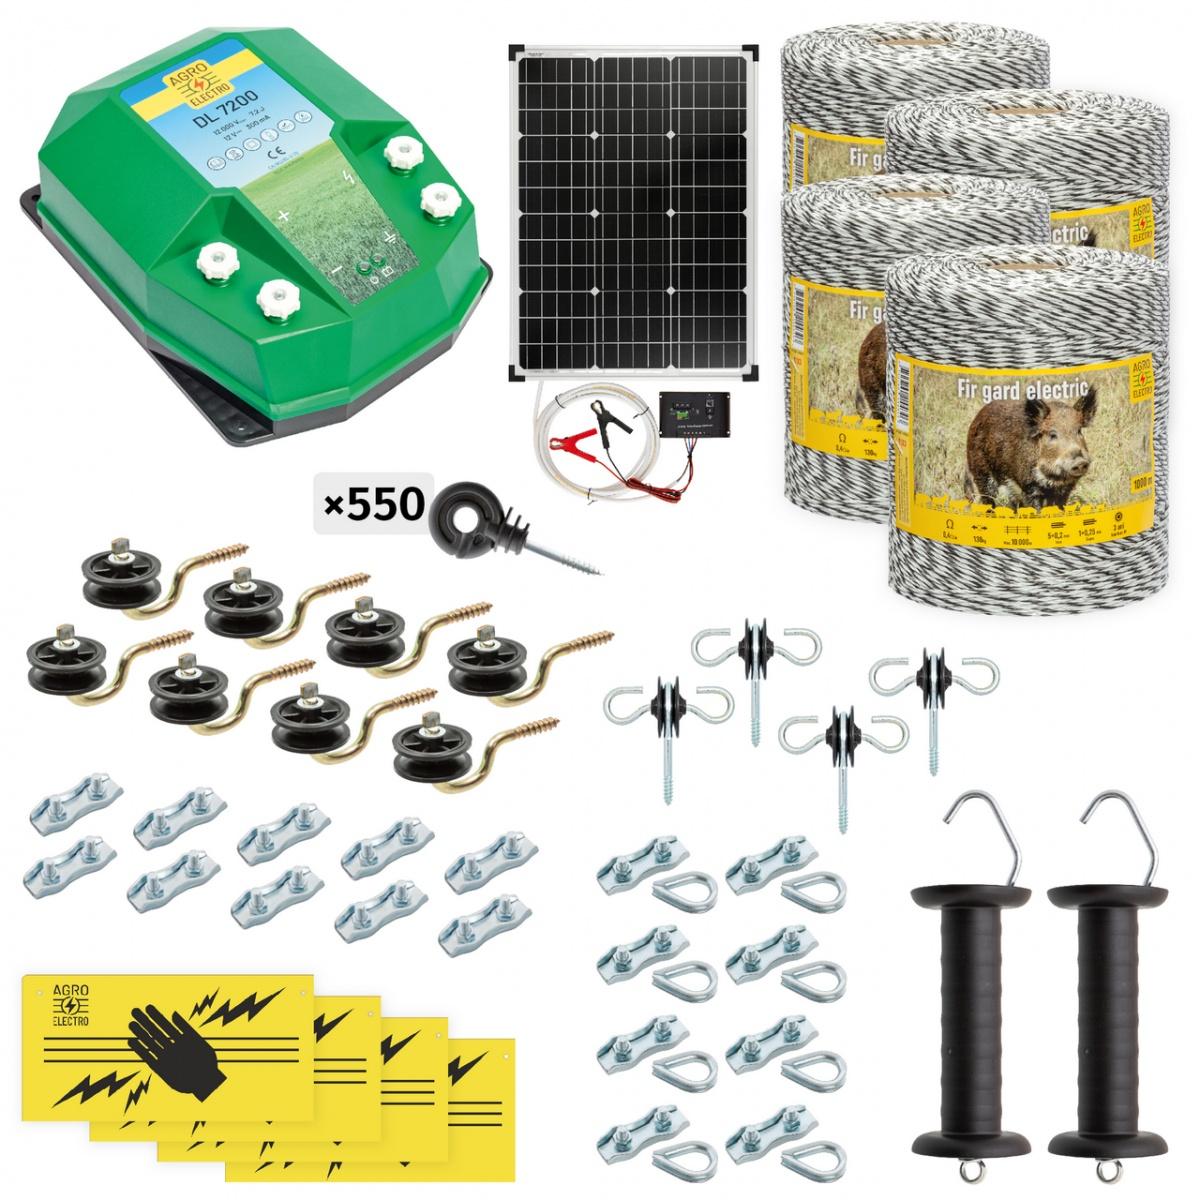 Teljes villanypásztor csomag vadállatoknak, 4000m, 7,2Joule, napelemes rendszerrel